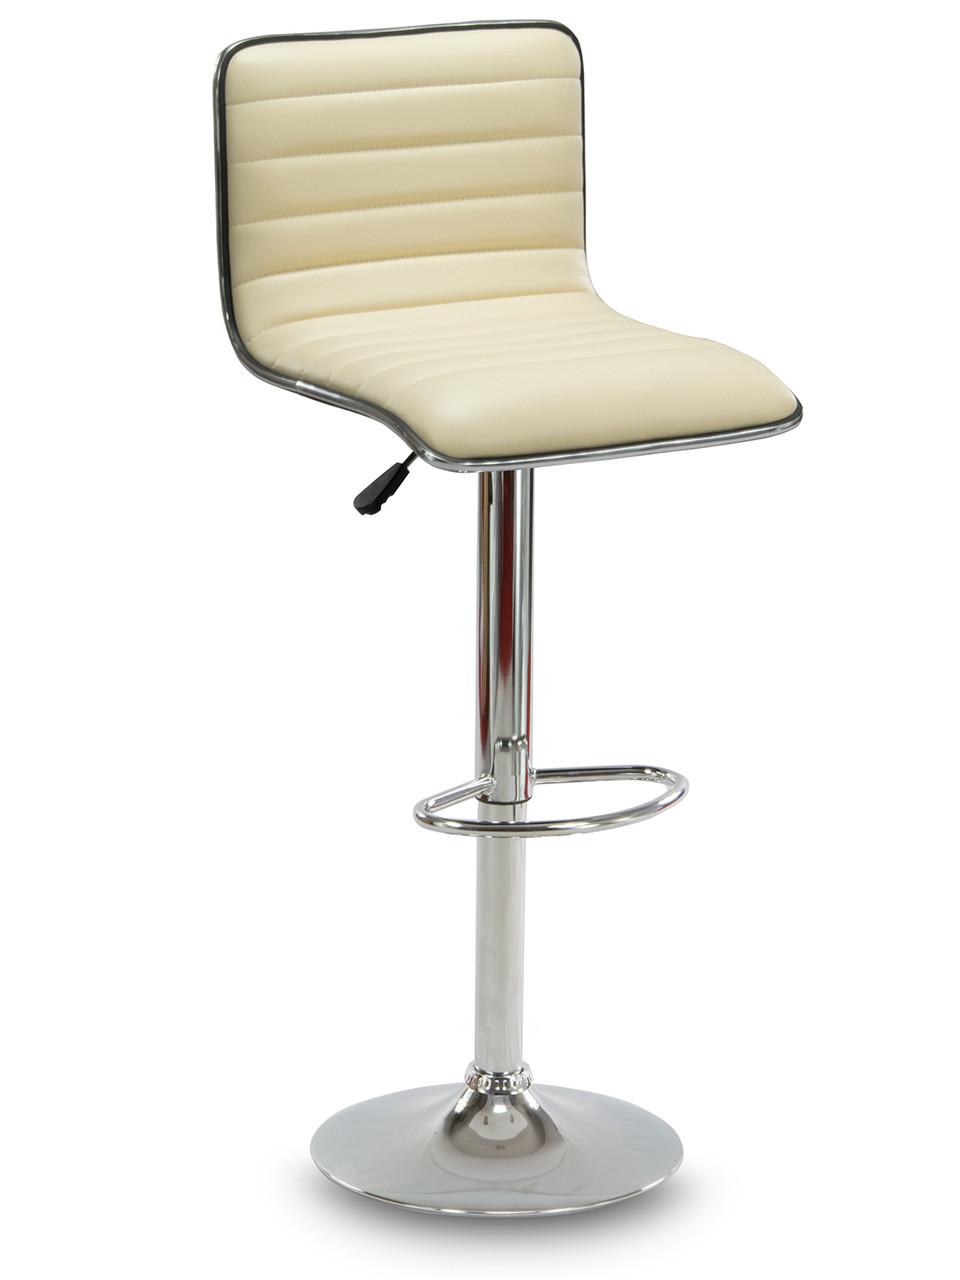 Барний стілець Hoker ESTERO з підставкою для ніг і регулюванням сидіння по висоті Бежевий